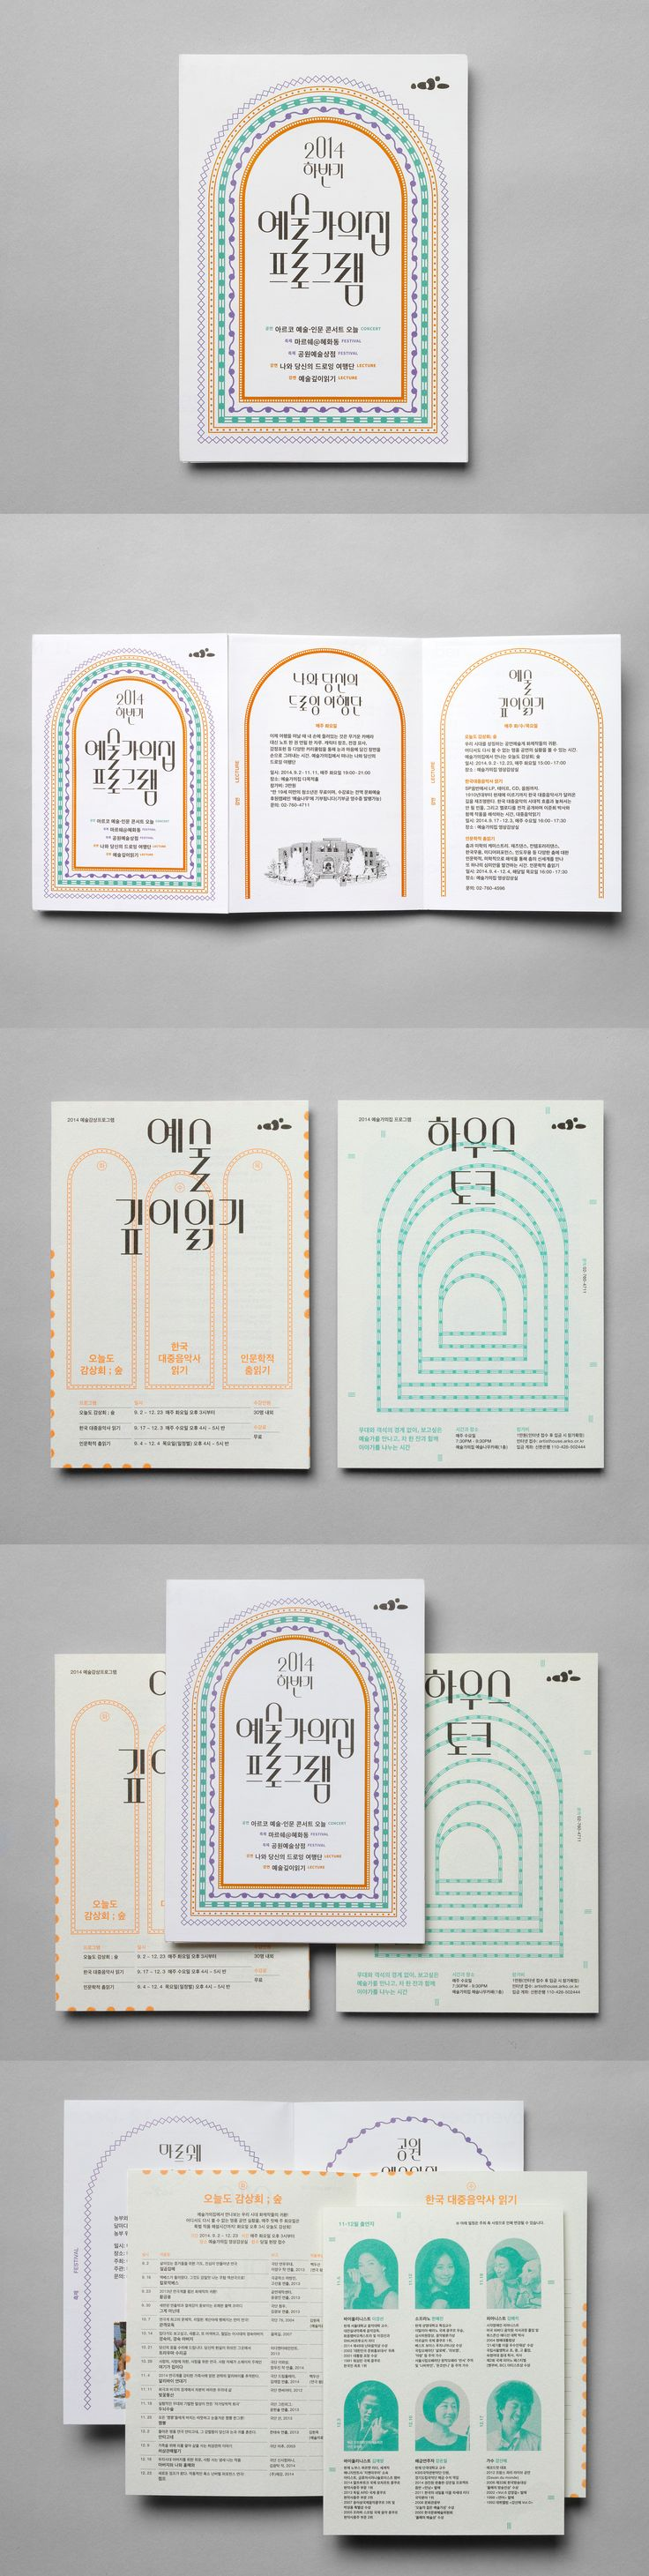 leaflet for ARTIST'S HOUSE - 2014 Programs   studio fnt